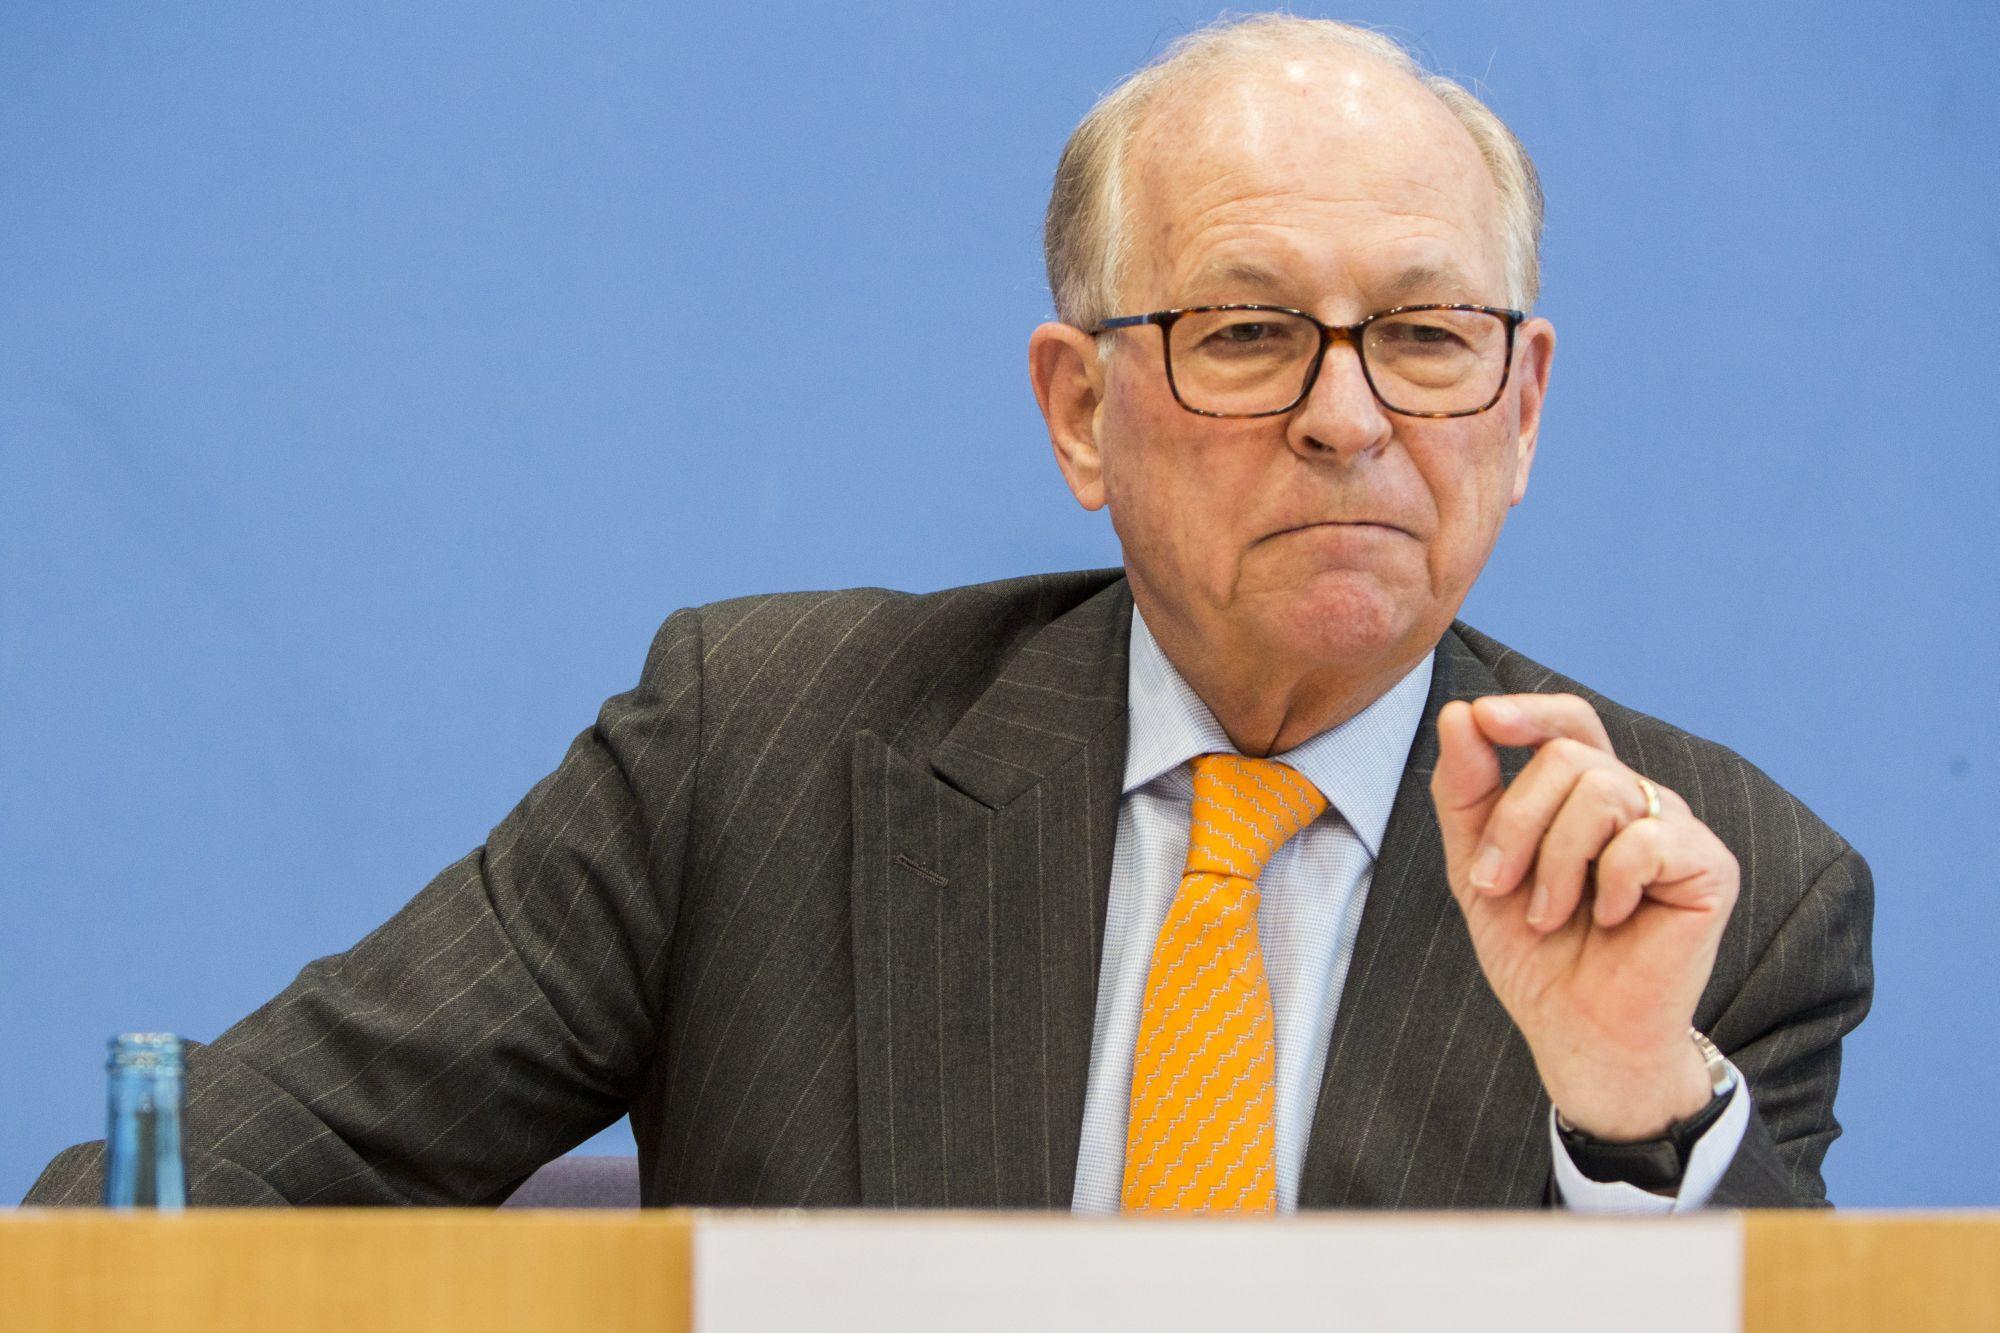 Wolfgang Ischinger, a müncheni biztonságpolitikai konferencia elnöke egy sajtótájékoztatón Berlinben, 2018. február 8-án. EPA/OMER MESSINGER